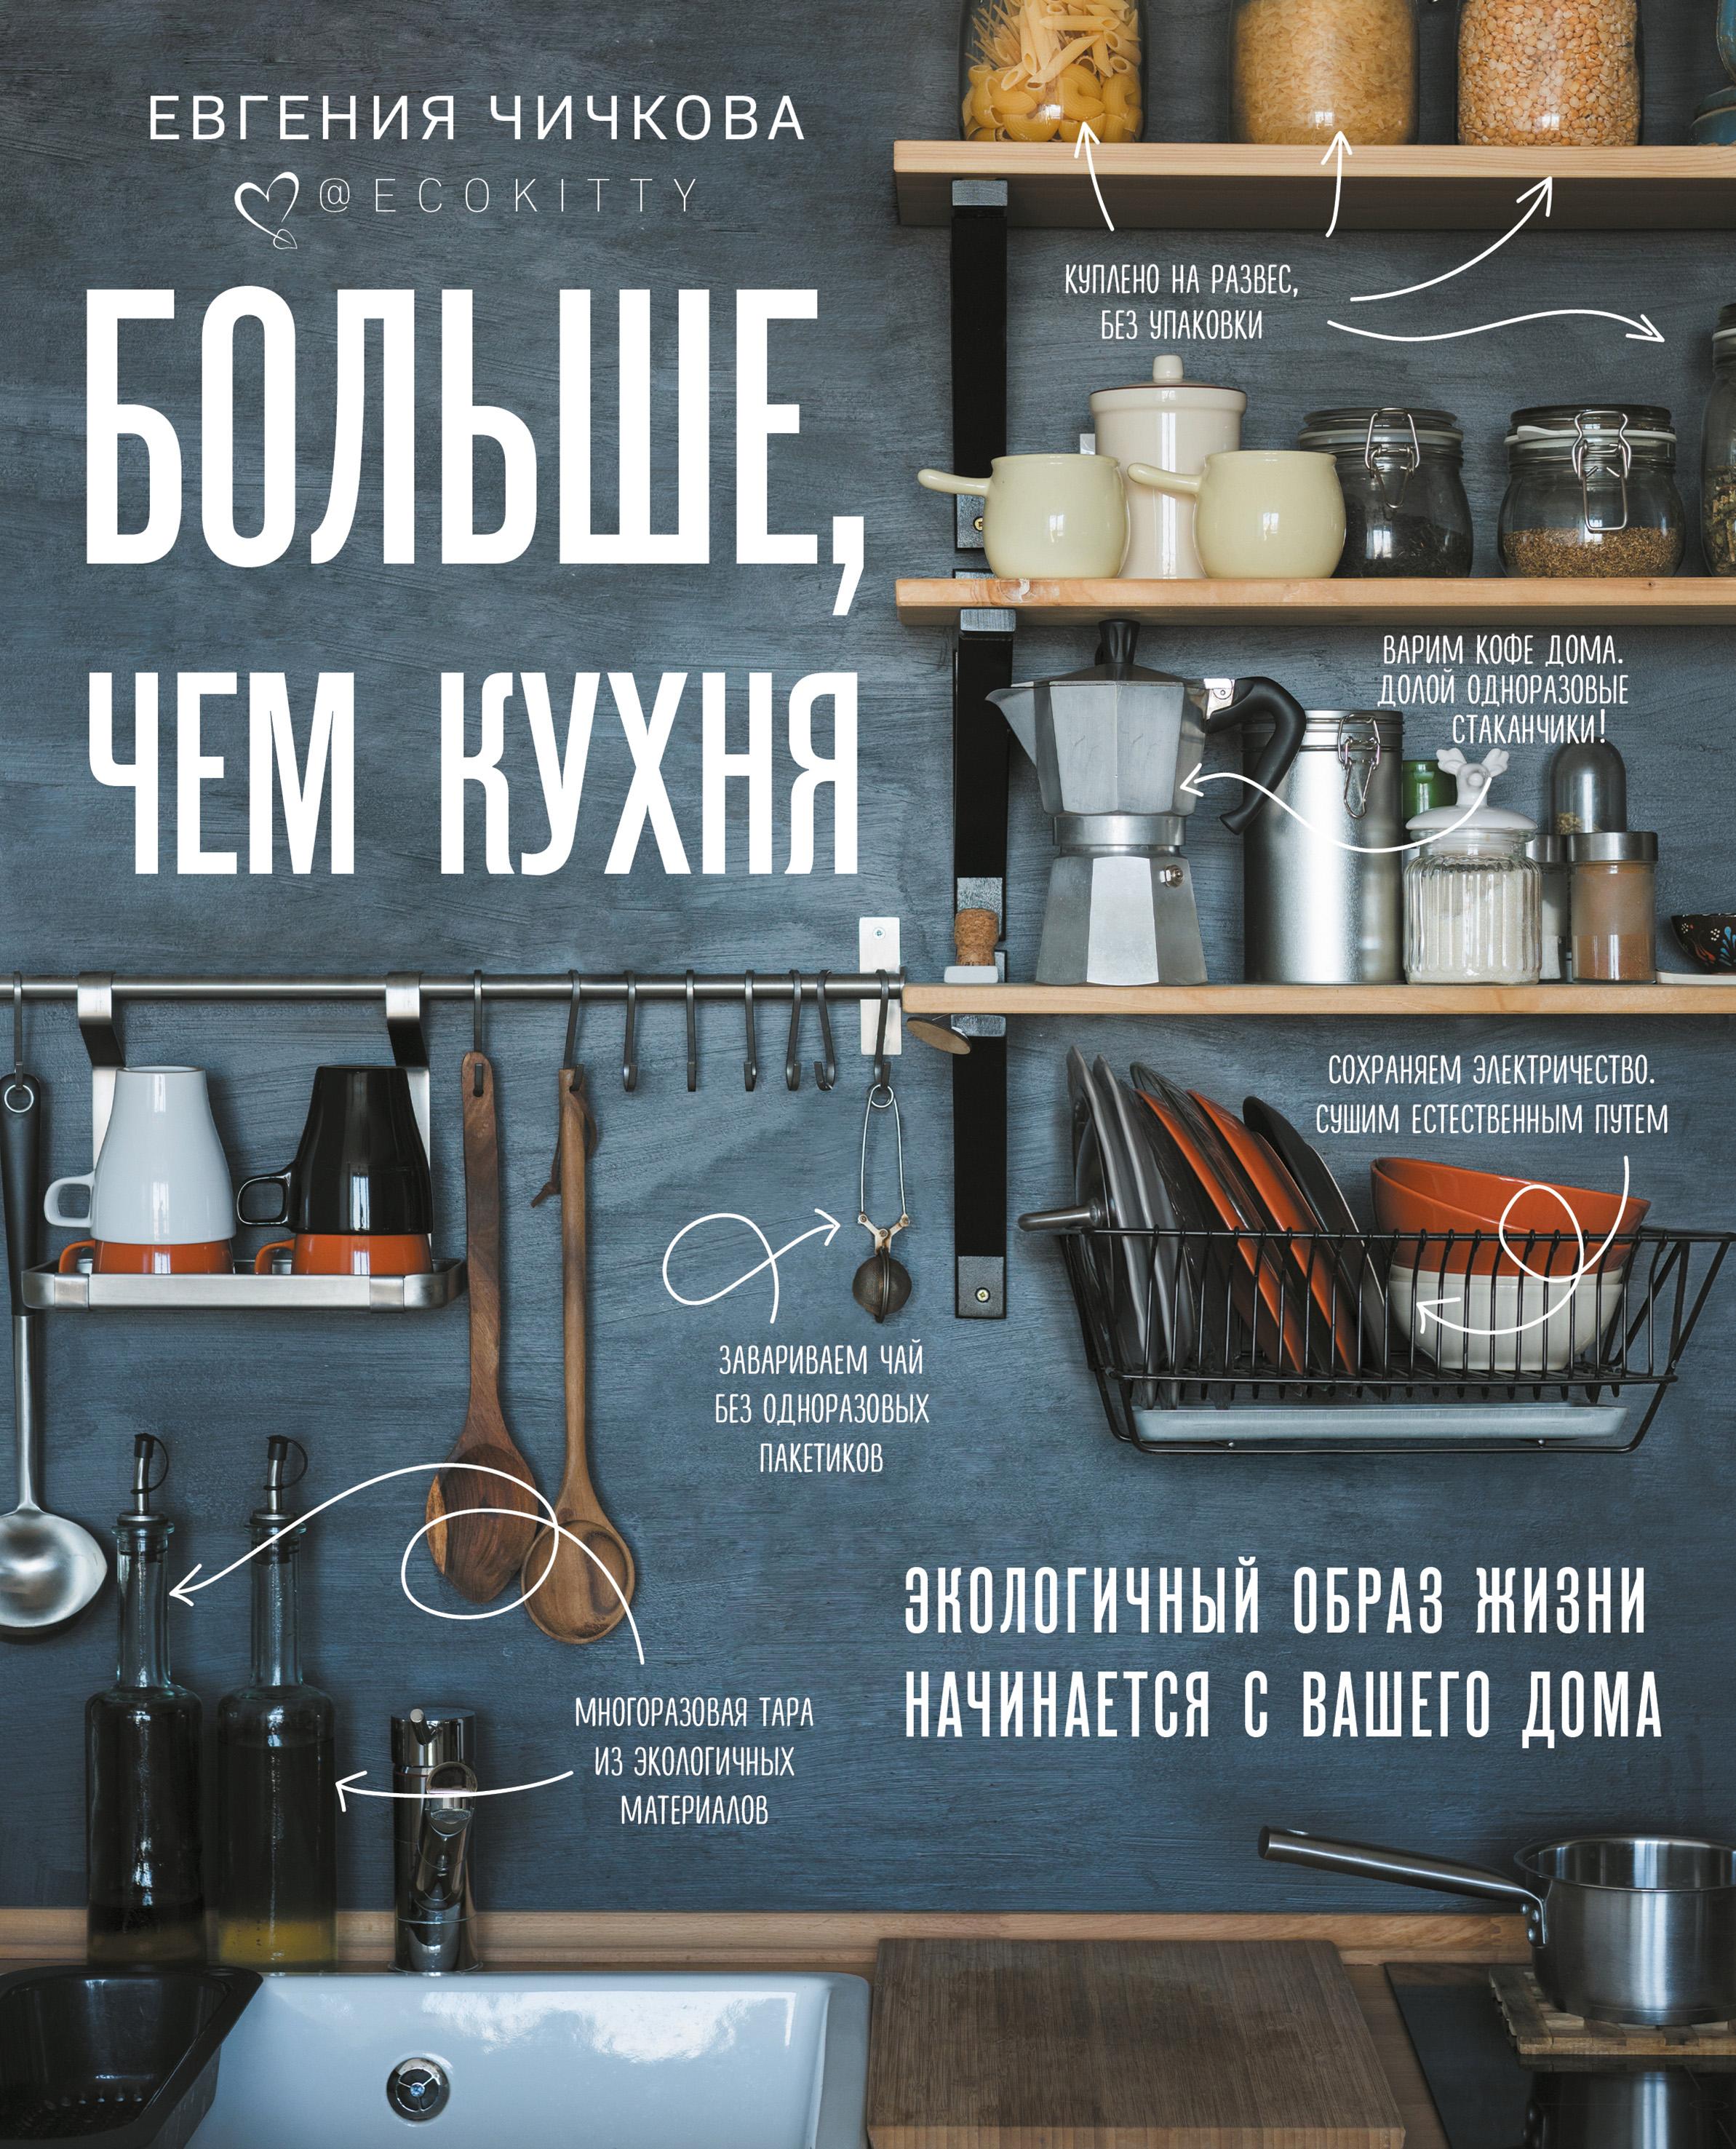 Купить книгу Больше, чем кухня, автора Евгении Чичковой